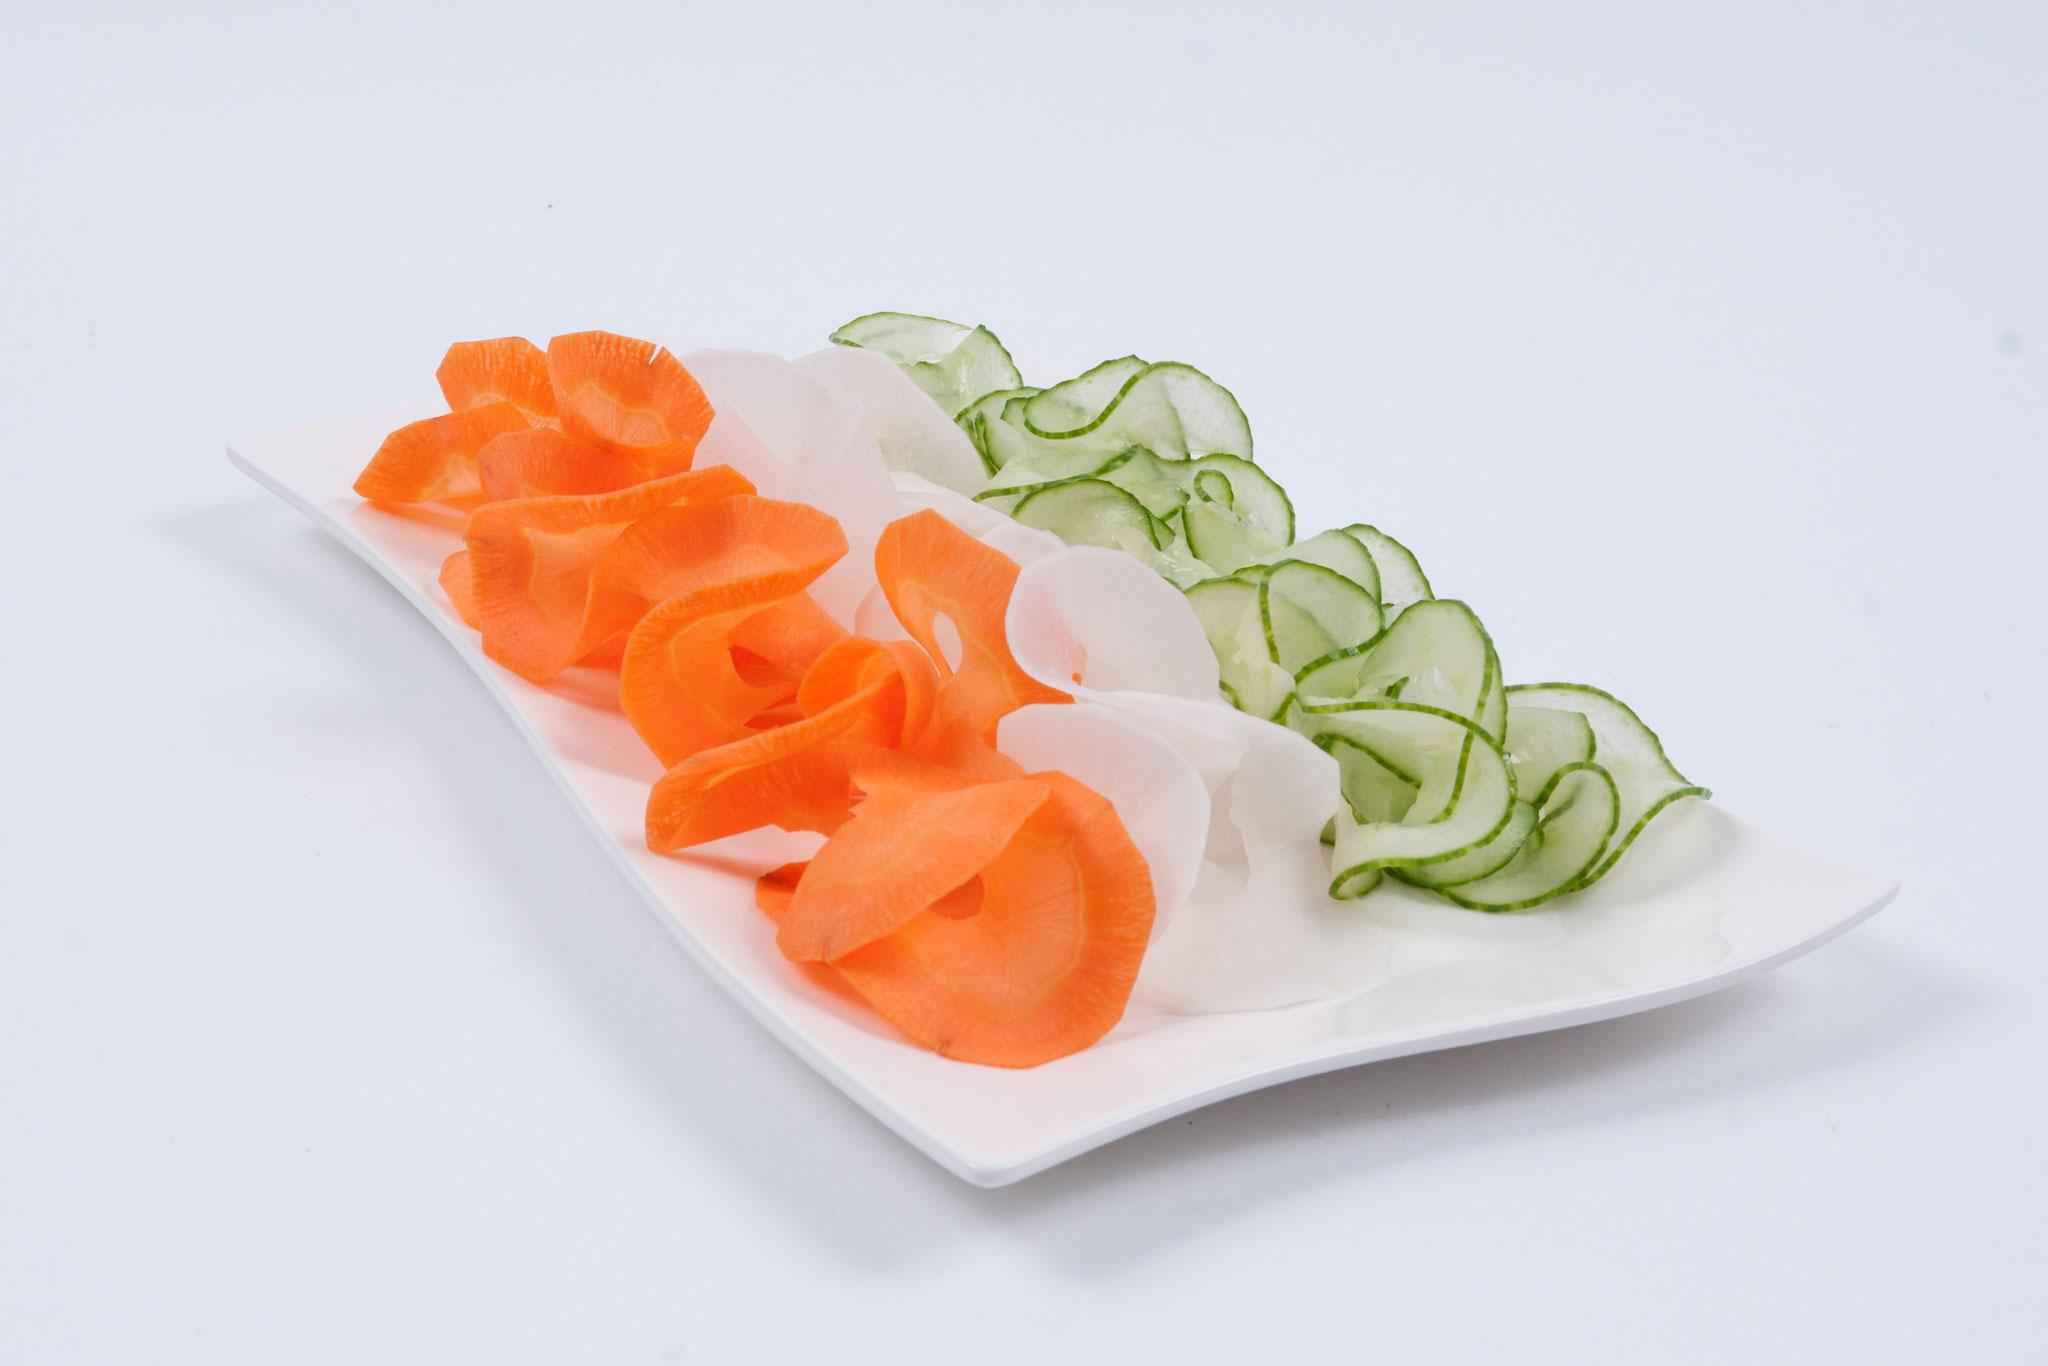 Karotten-Radi-Gurke - Spirale